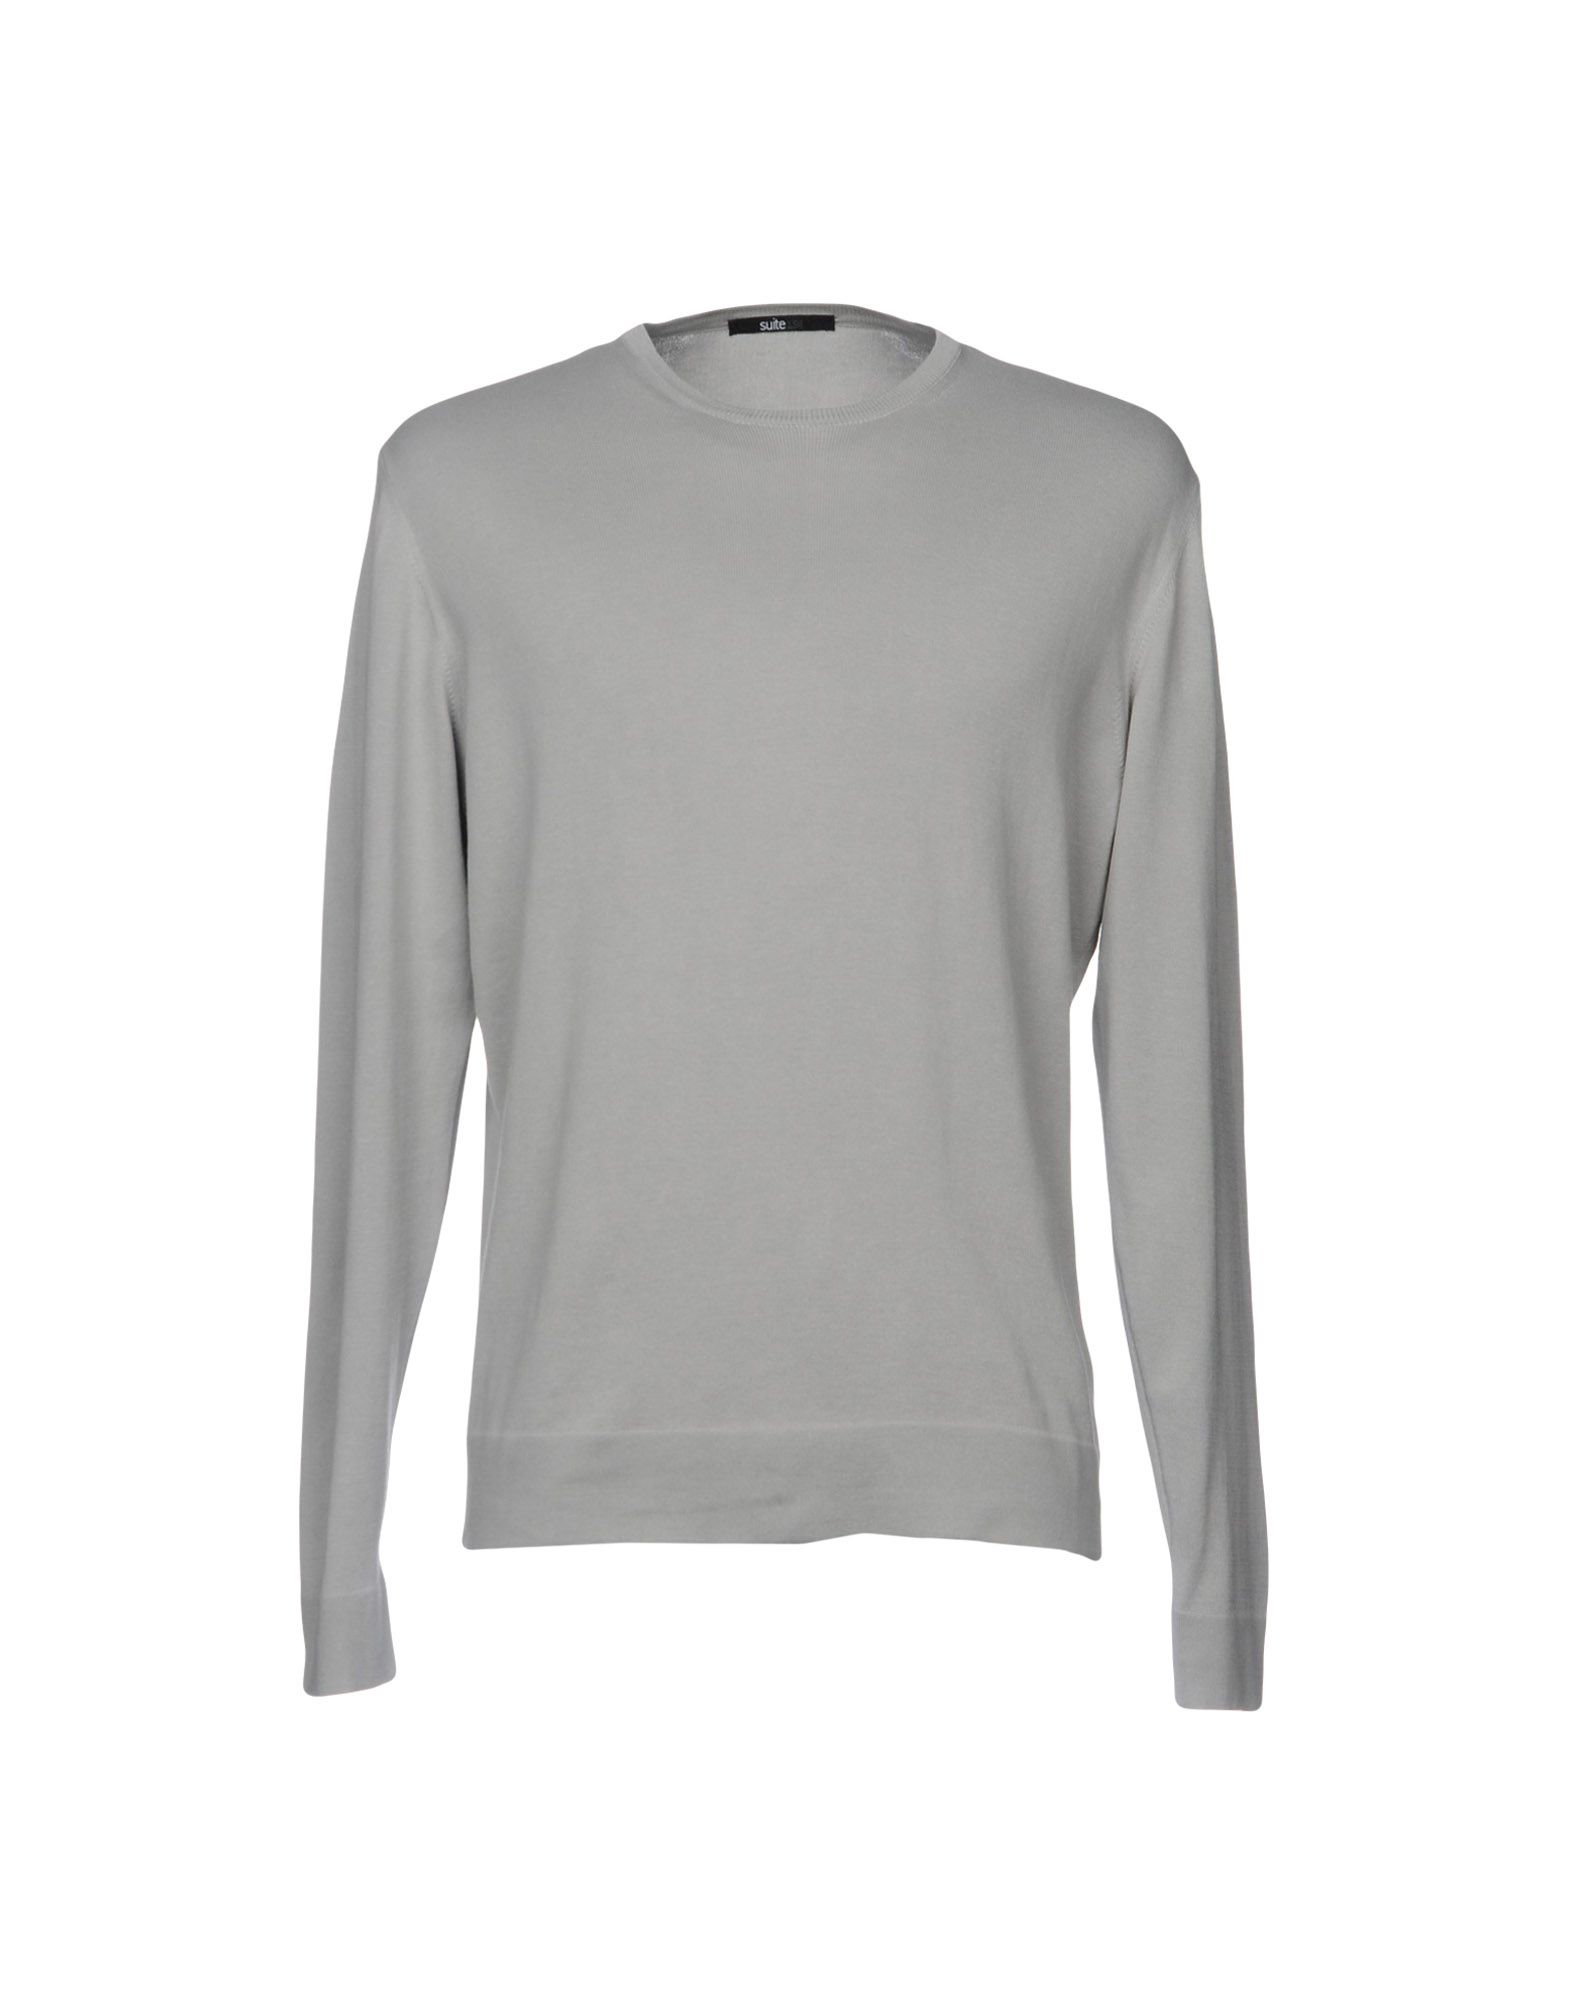 SUITE 19L Herren Pullover Farbe Grau Größe 5